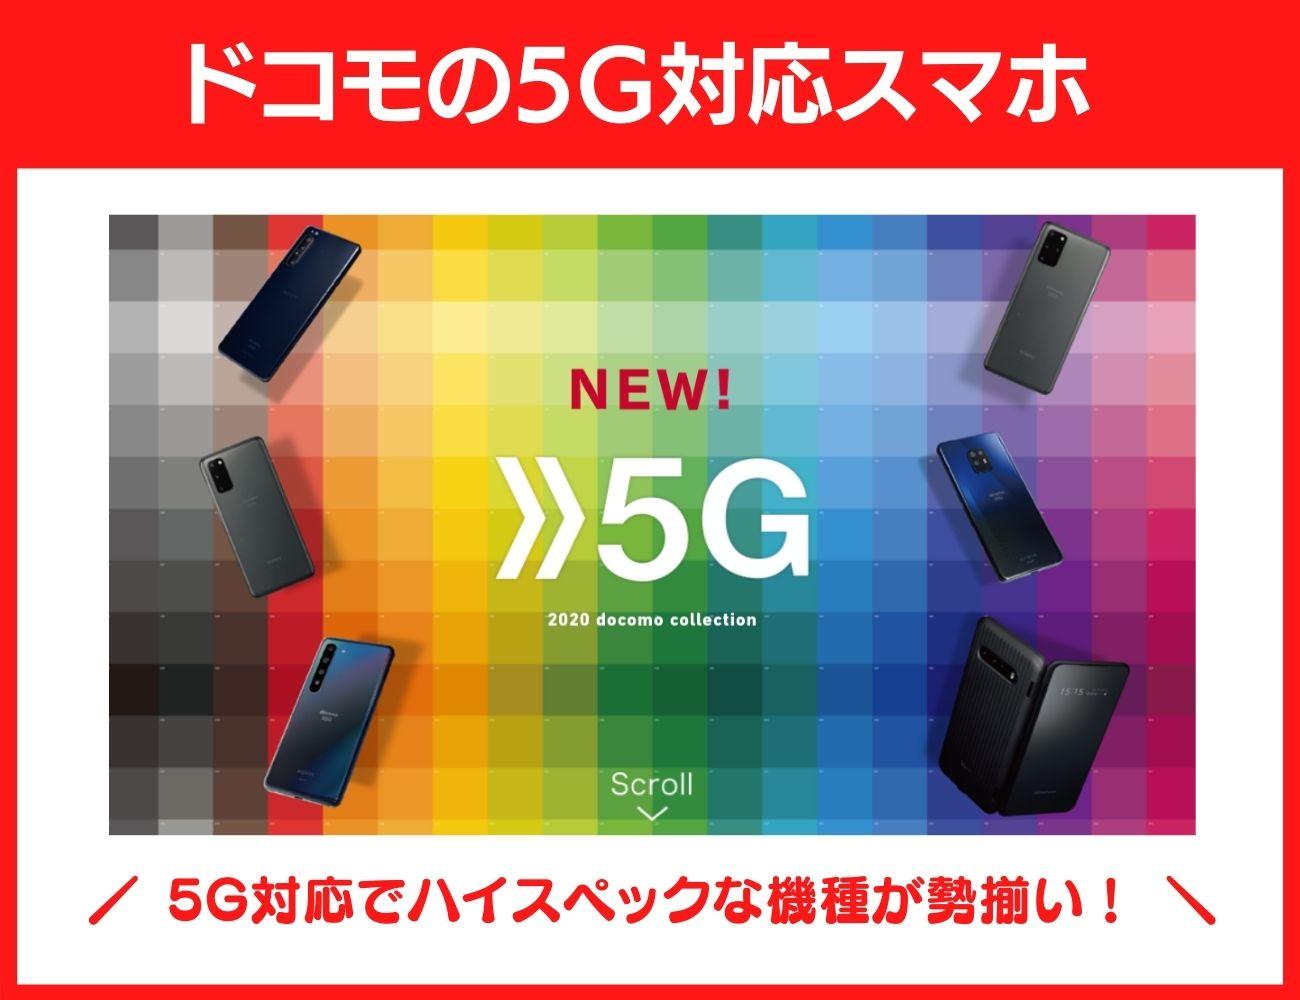 ドコモの5Gに対応している主な機種